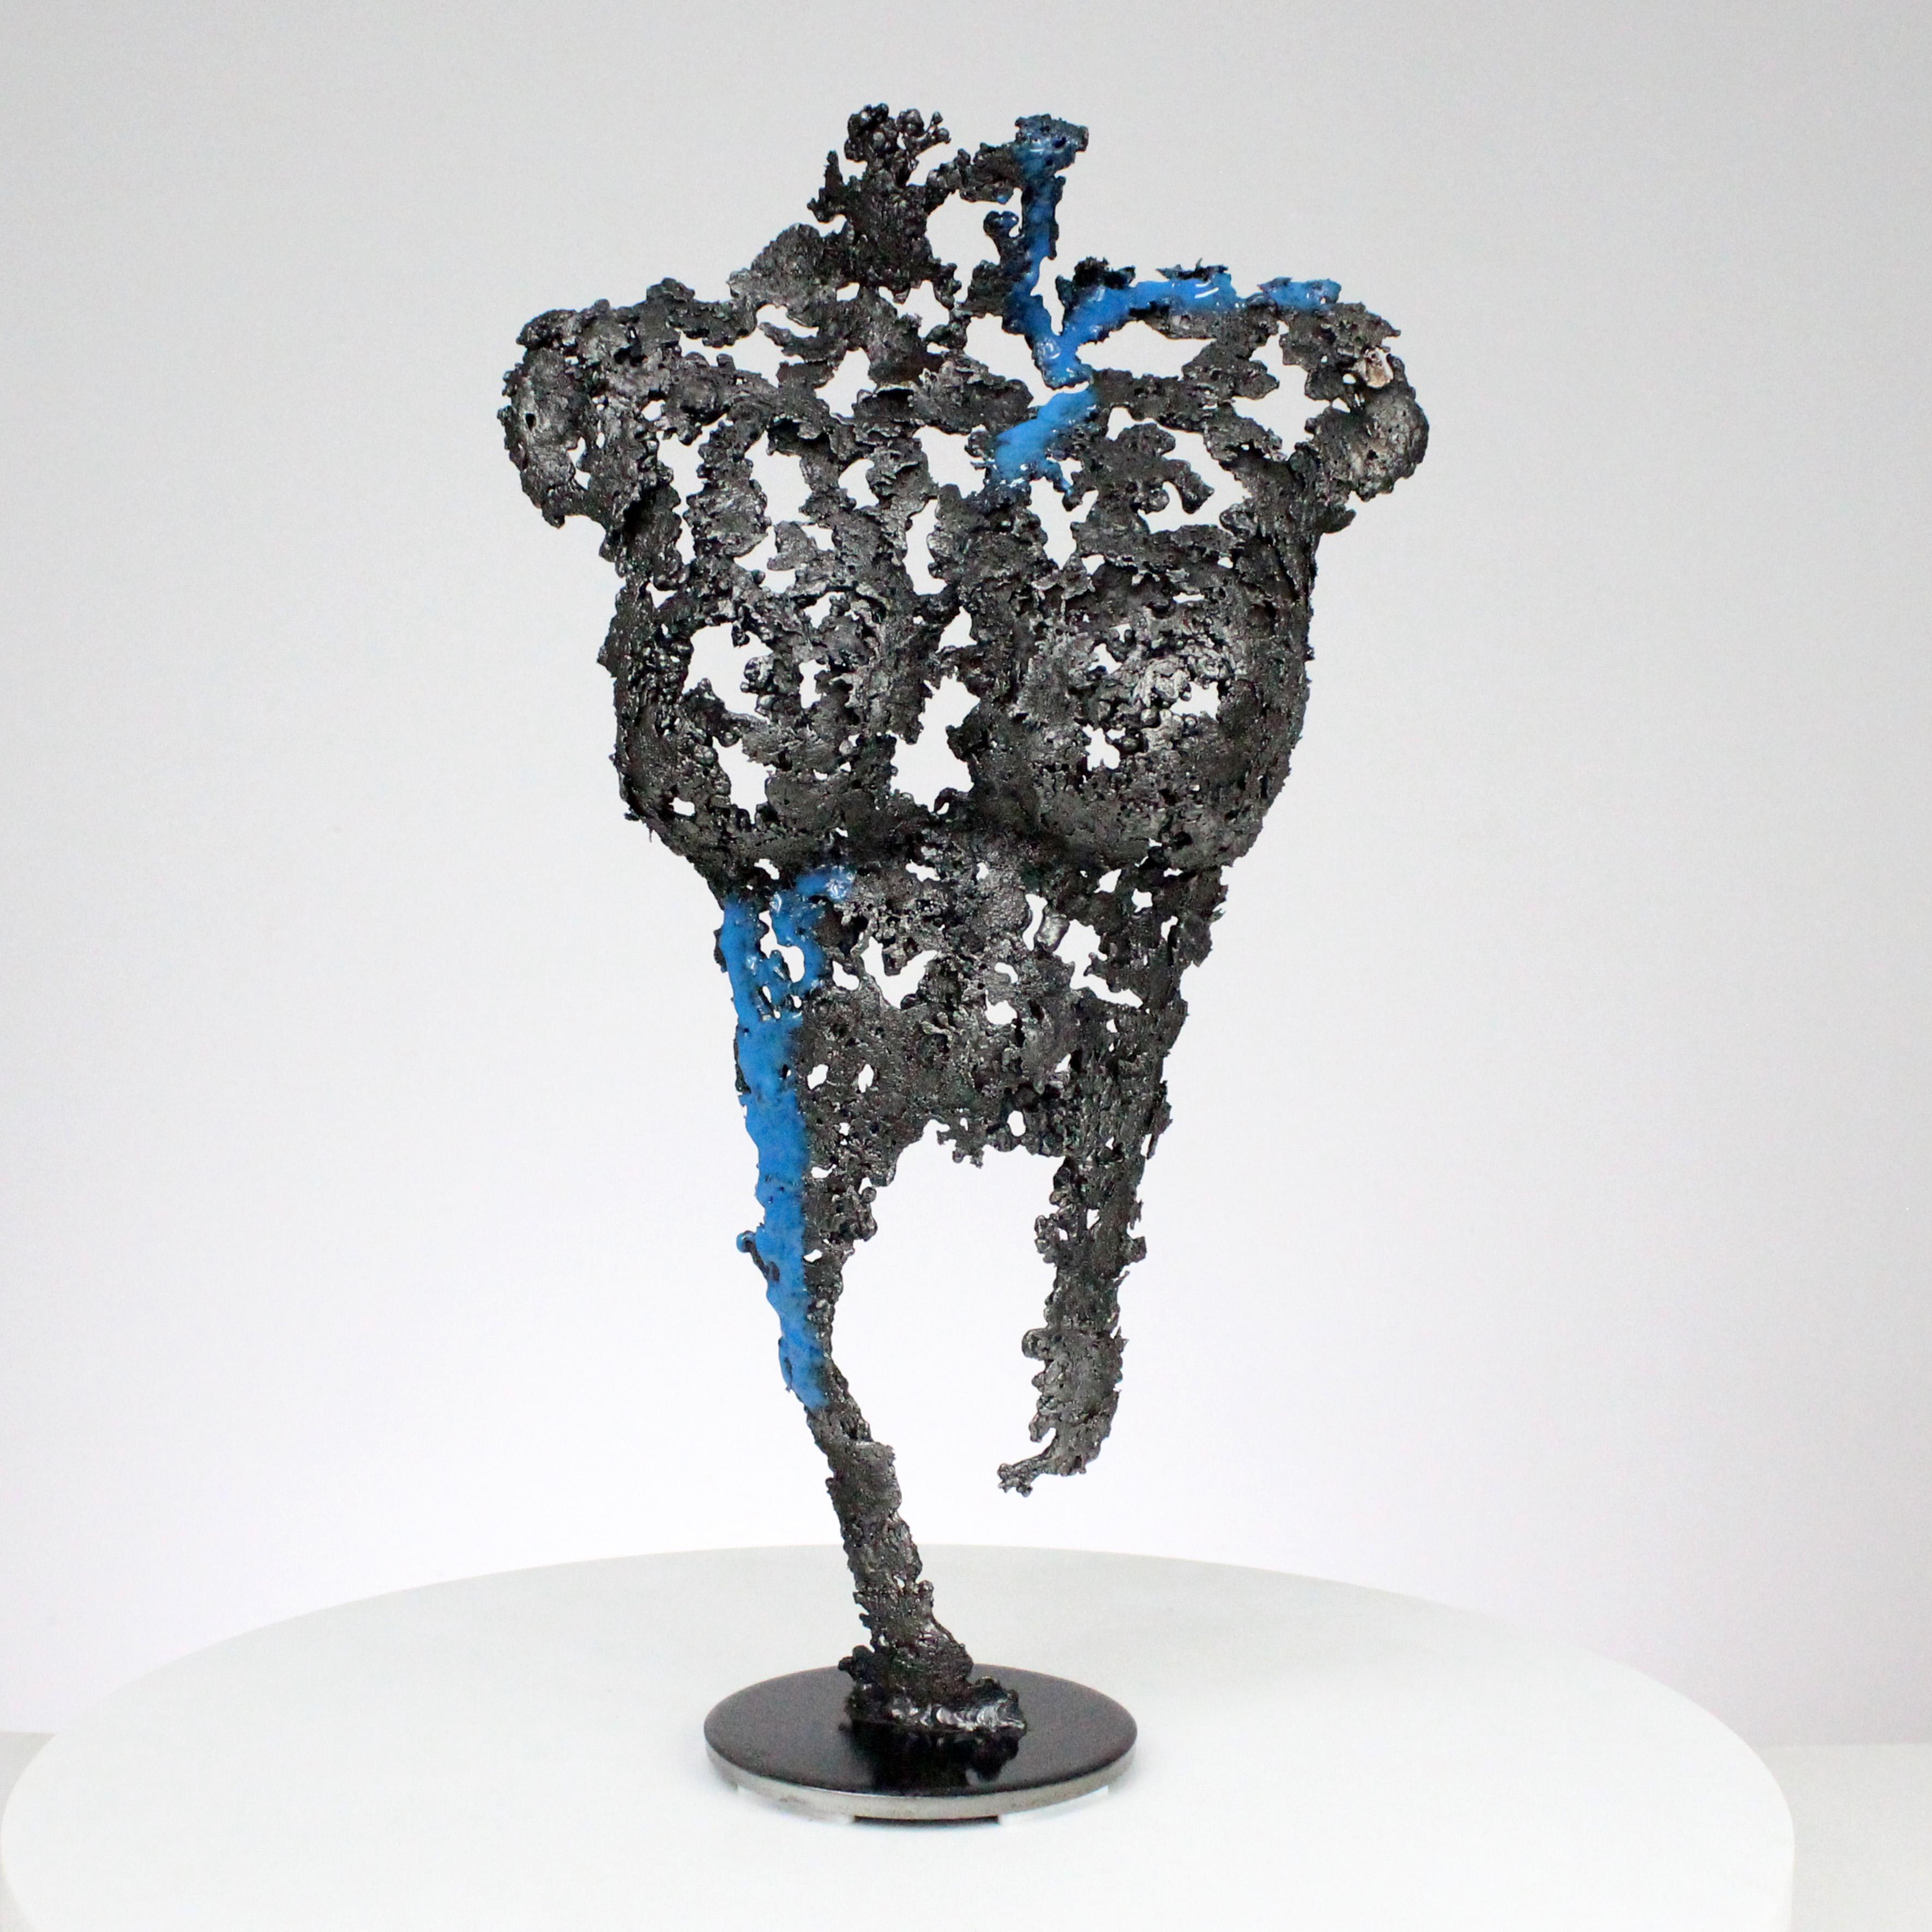 Pavarti soupir - Sculpture corps femme métal dentelle acier pigment bleu - Pavarti sigh - Woman body sculpture in metal lace steel pigment blue philippe buil